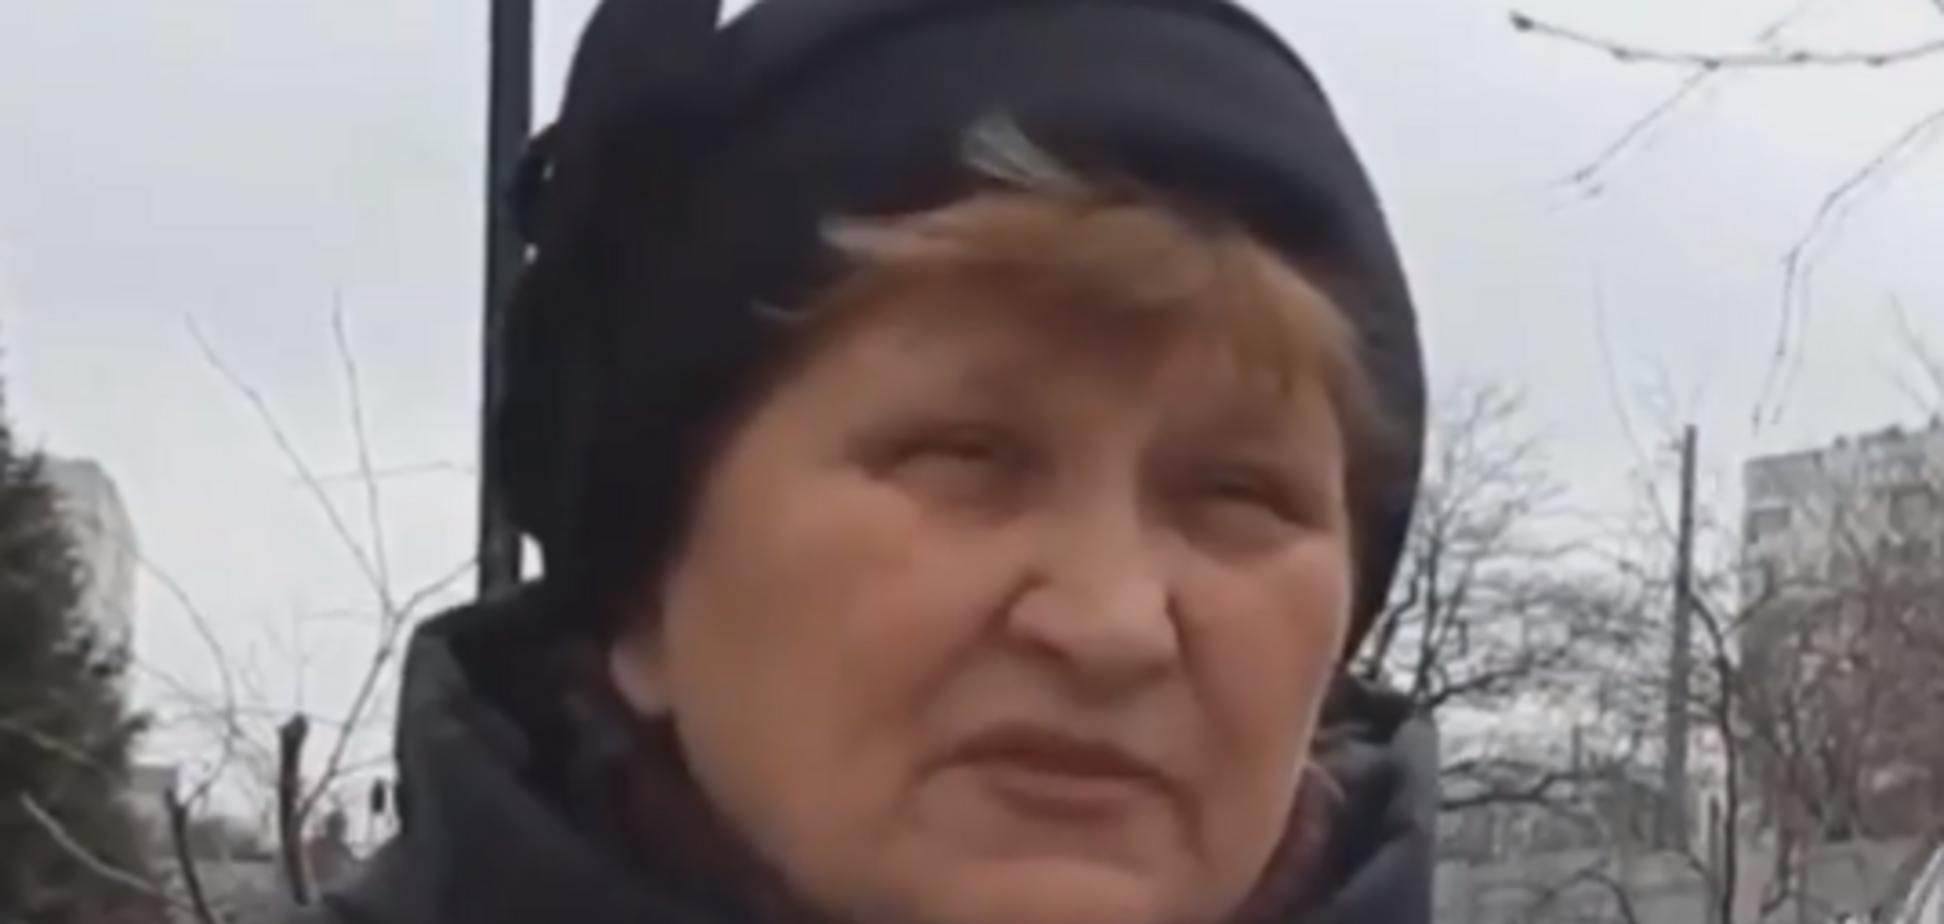 'Банд*рлоги розчленували берізку у трусиках': у Криму видали нову треш-пропаганду. Відеофакт